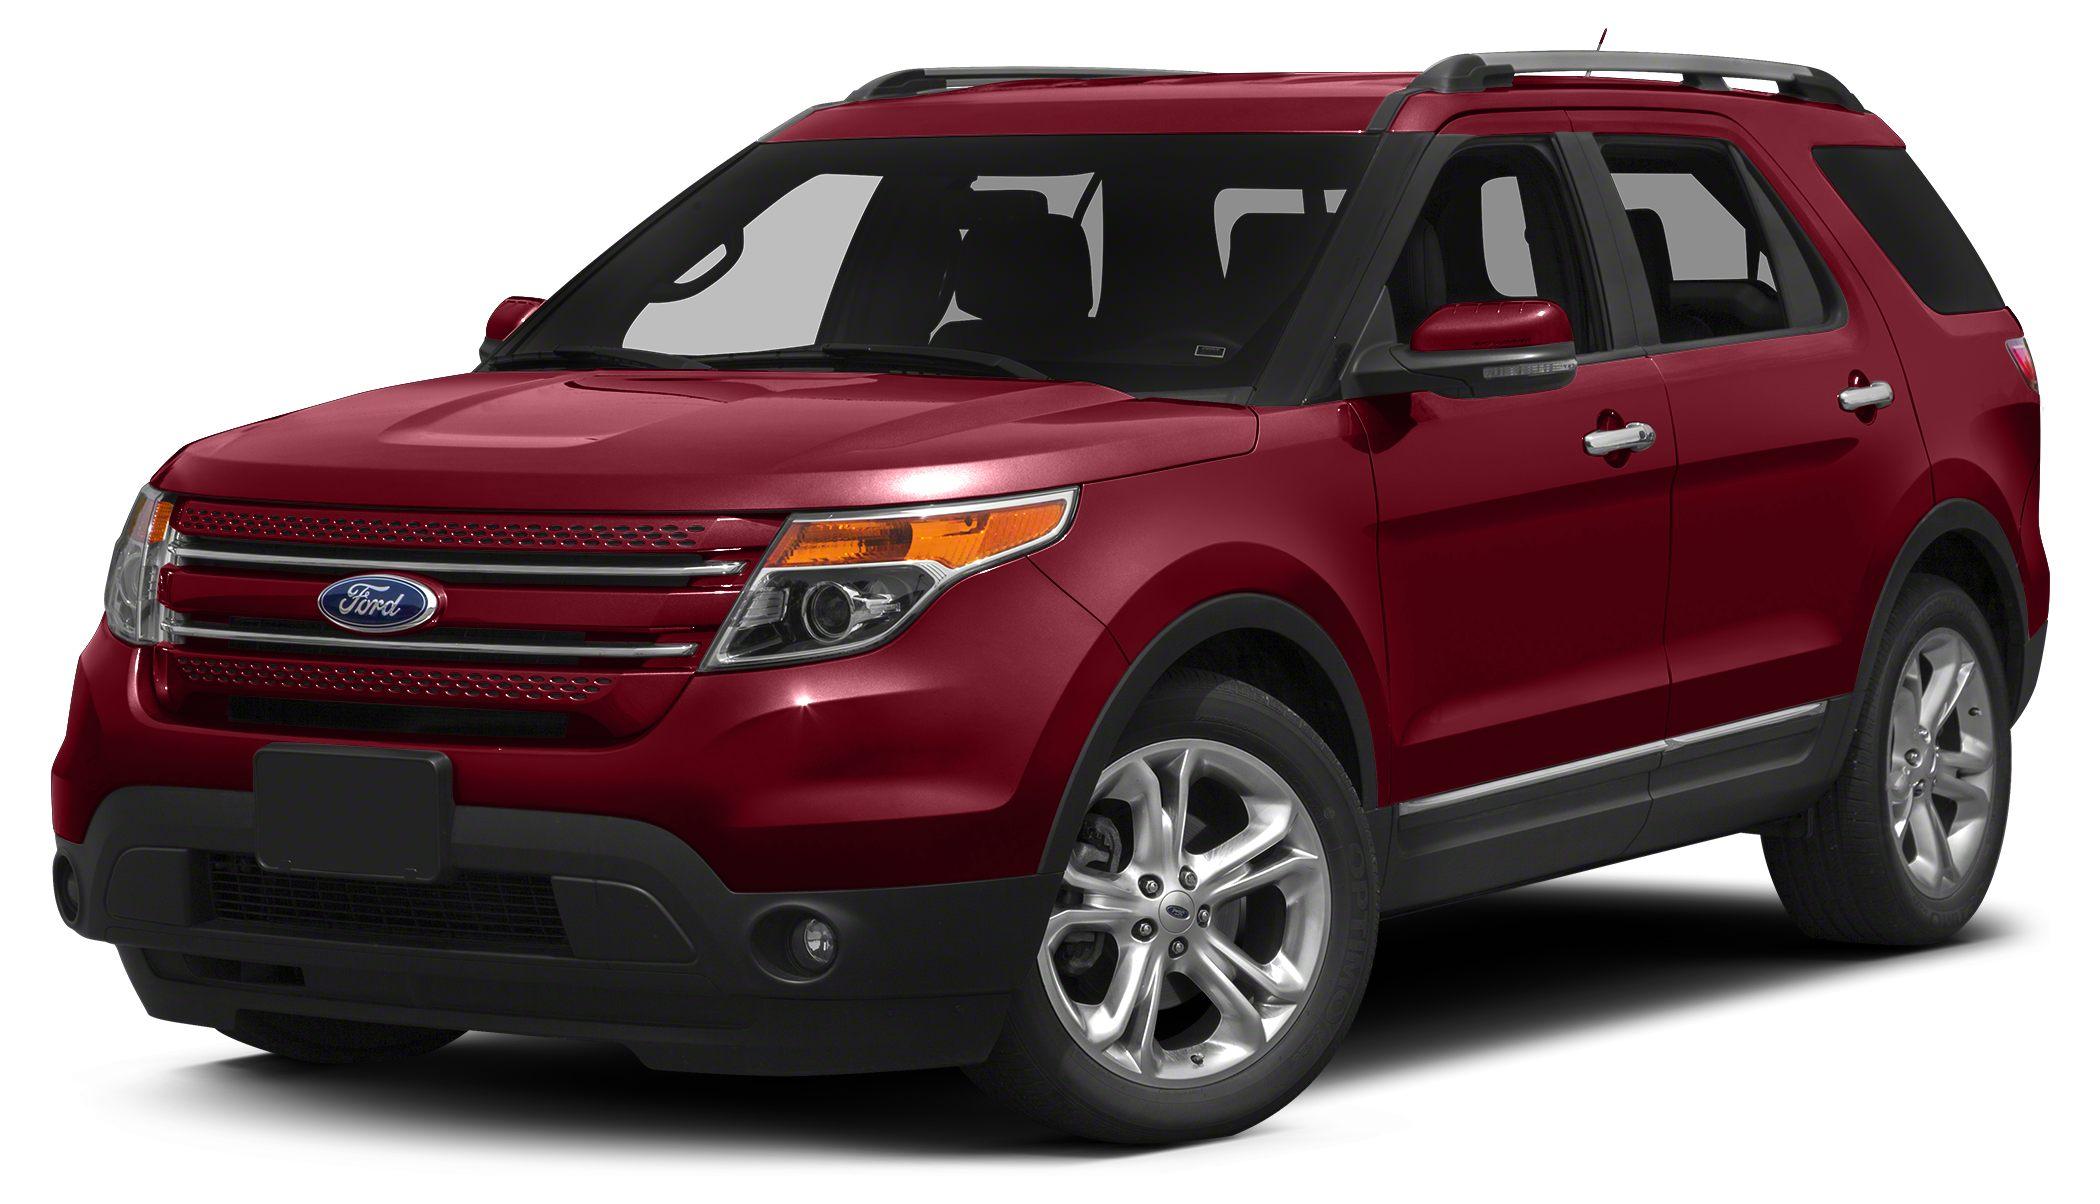 2015 Ford Explorer Limited Color Red Stock 69014 VIN 1FM5K8F86FGC69014